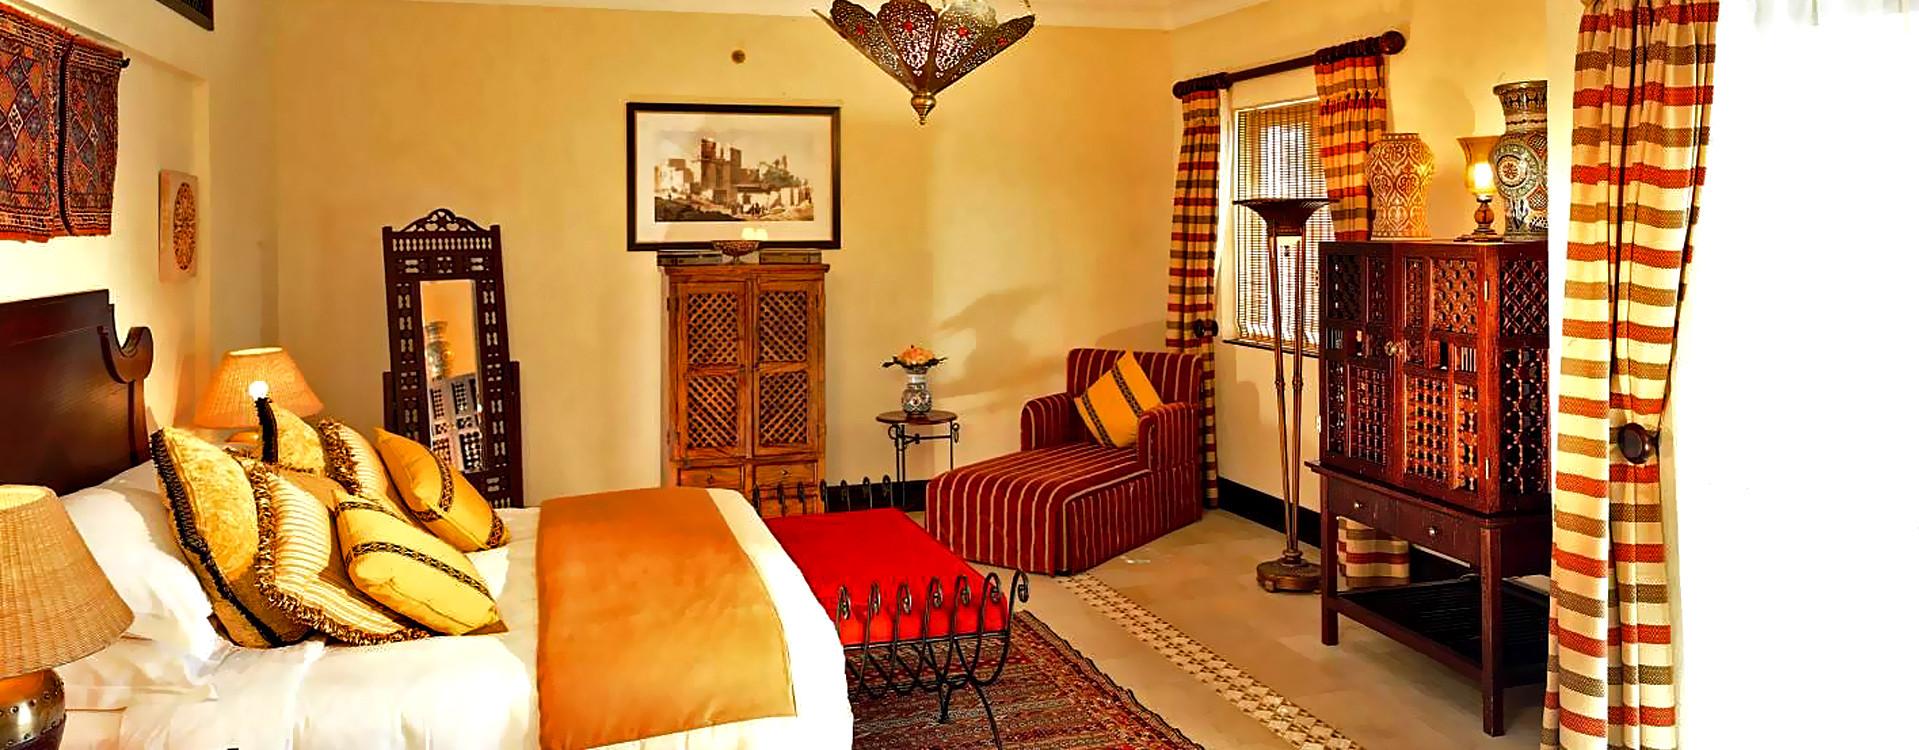 Номер отеля Dar Al Masyaf, ОАЭ